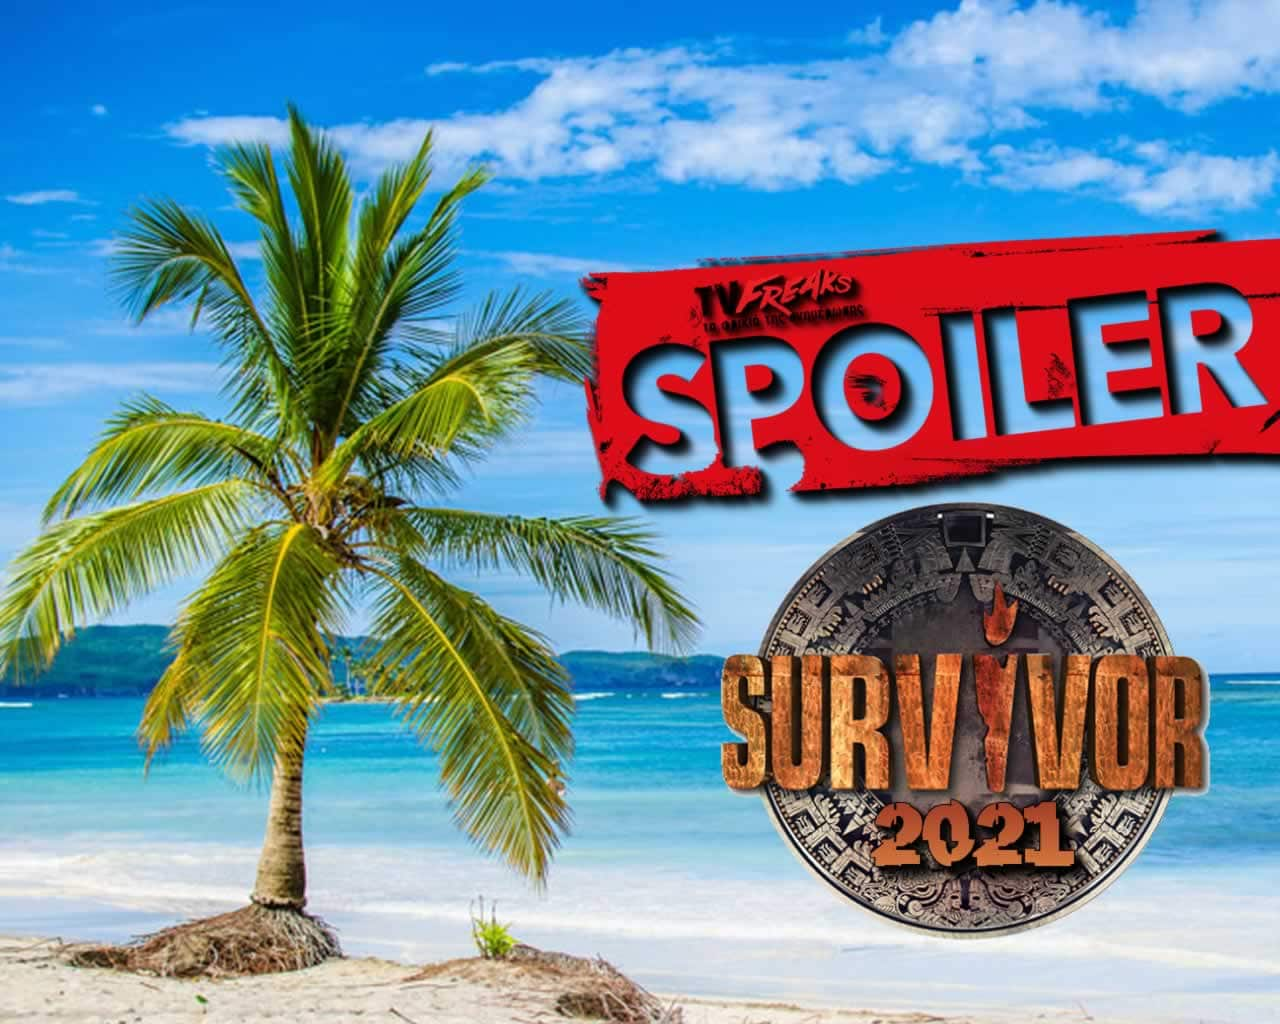 Survivor, Survivor 2021, Survivor 4, SURVIVOR GREECE, SURVIVOR GREECE 2021, Survivor spoiler, Survivor spoiler 3/2, Survivor ασυλία, Survivor διαρροή 3/2, ειδησεις, ειδήσεις σημερα